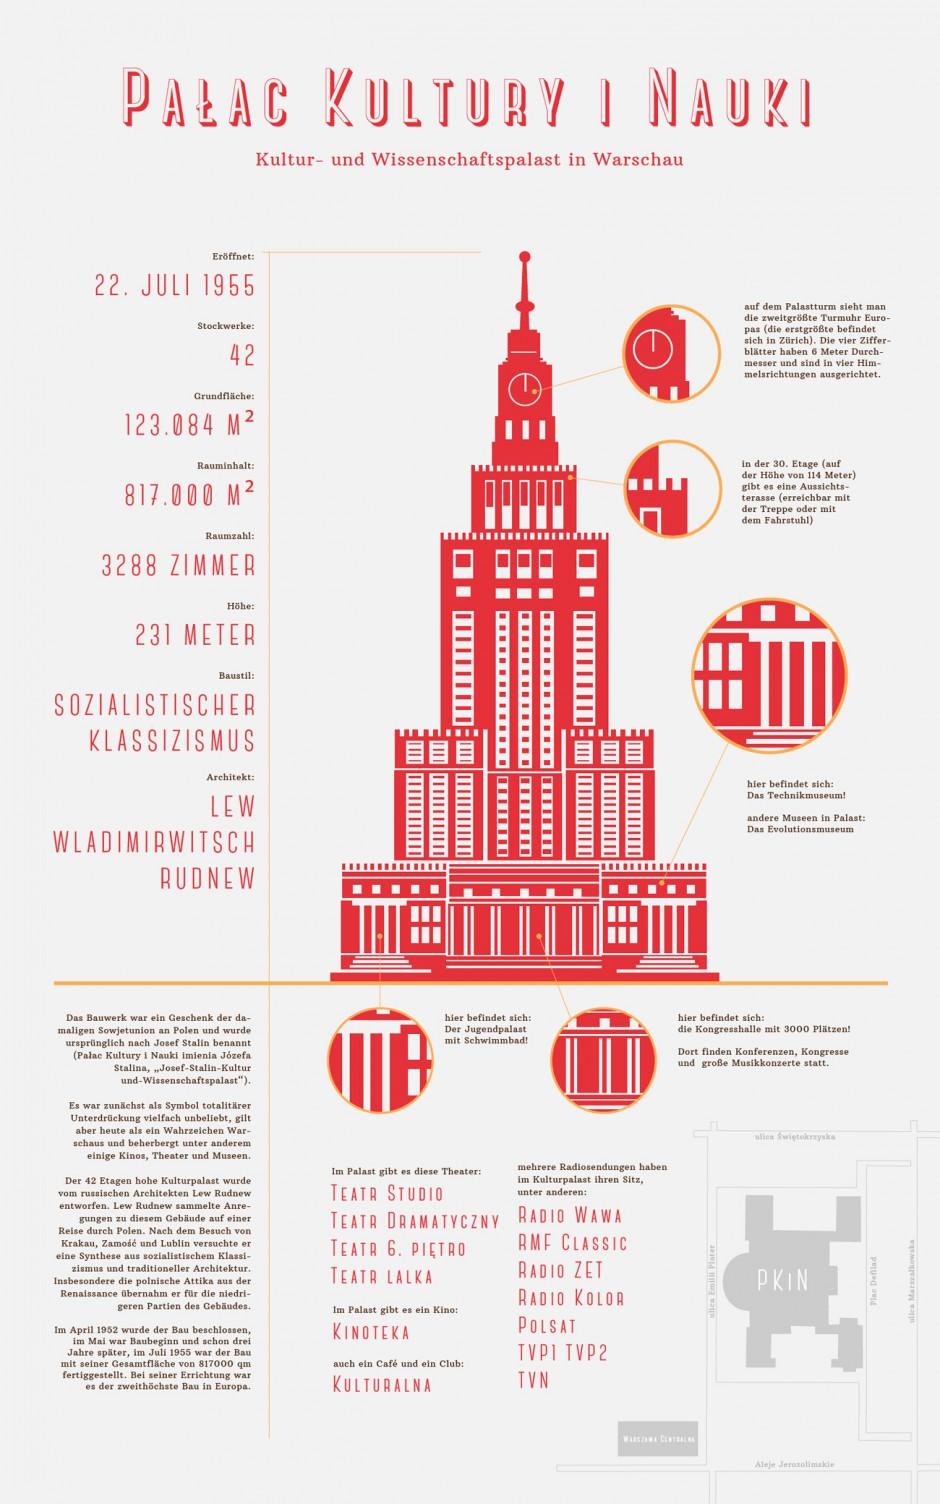 Infografik über den Kulturpalast, das Wahrzeichen von Warschau, Oktober 2014